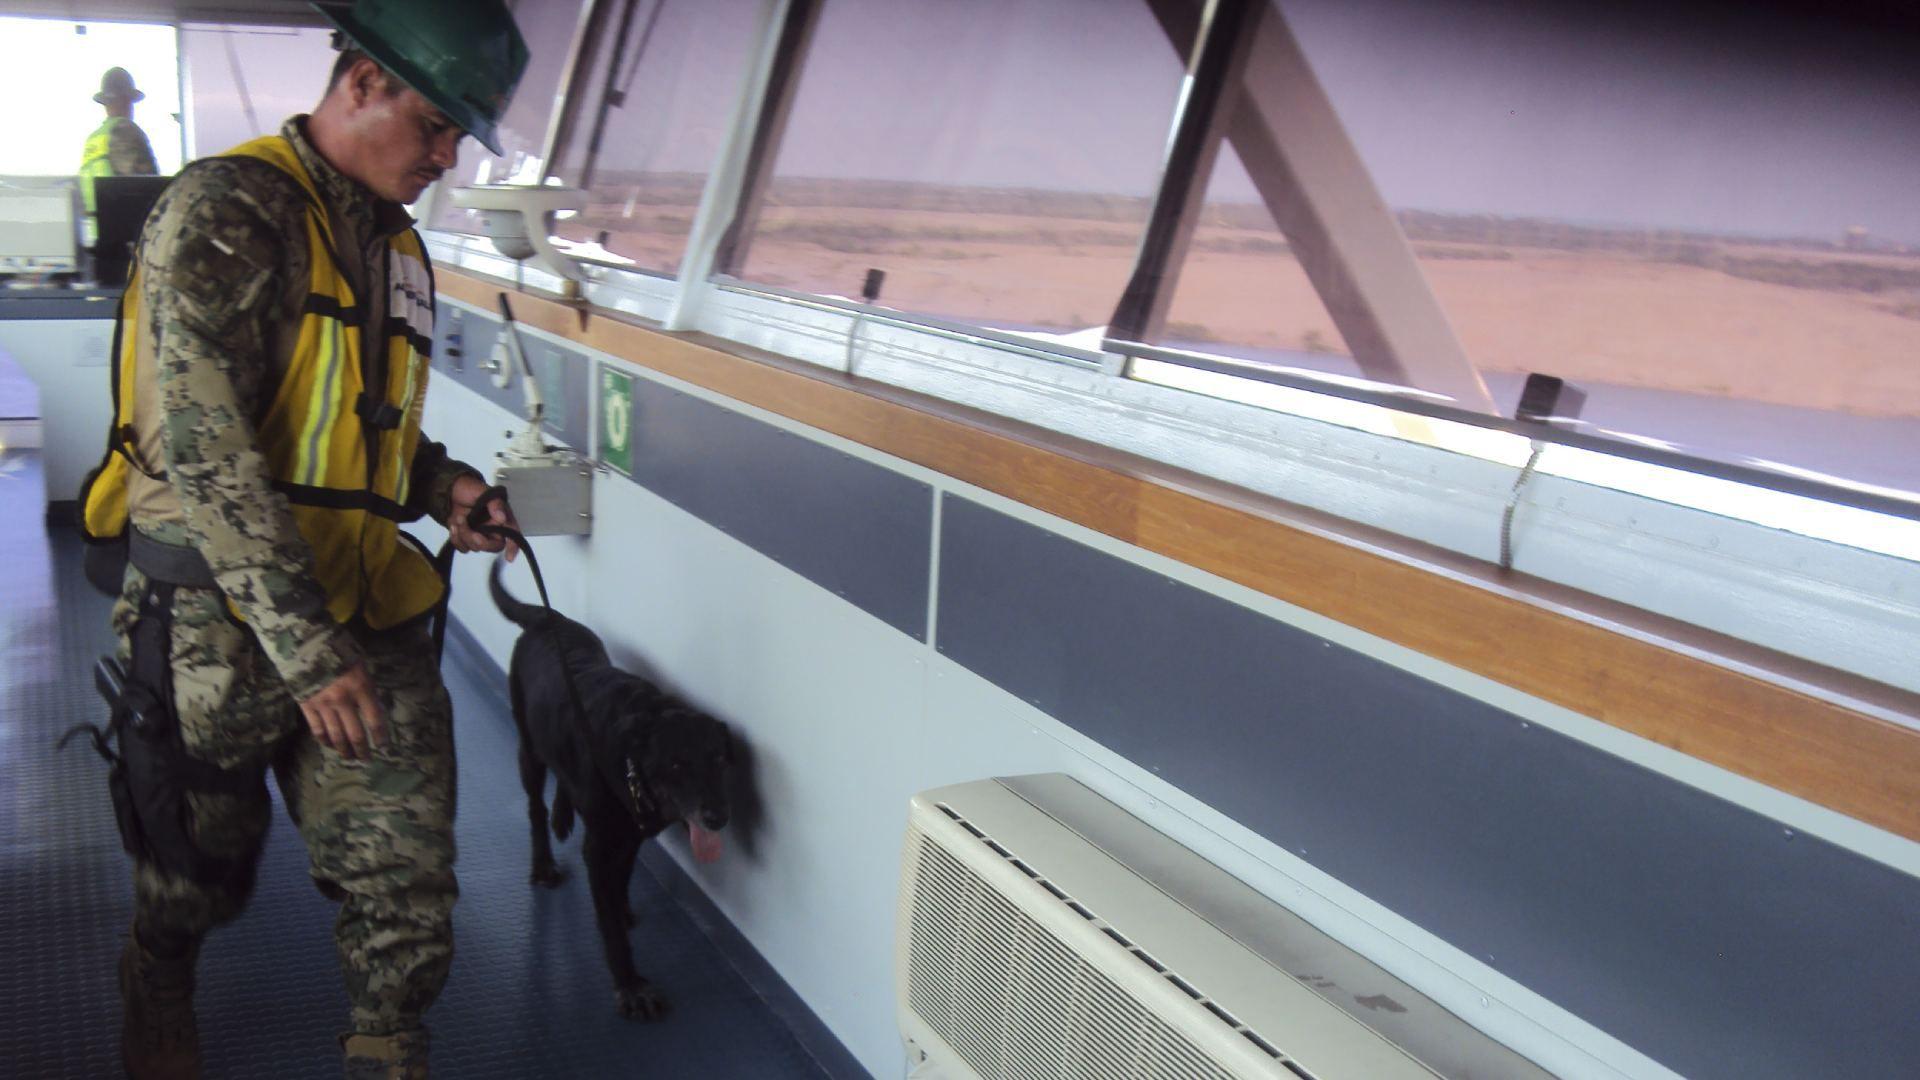 El último decomiso de fentanilo en agosto lo hizo la Marina en el puerto Lázaro Cárdenas, en Michoacán (Foto: Cuartoscuro)